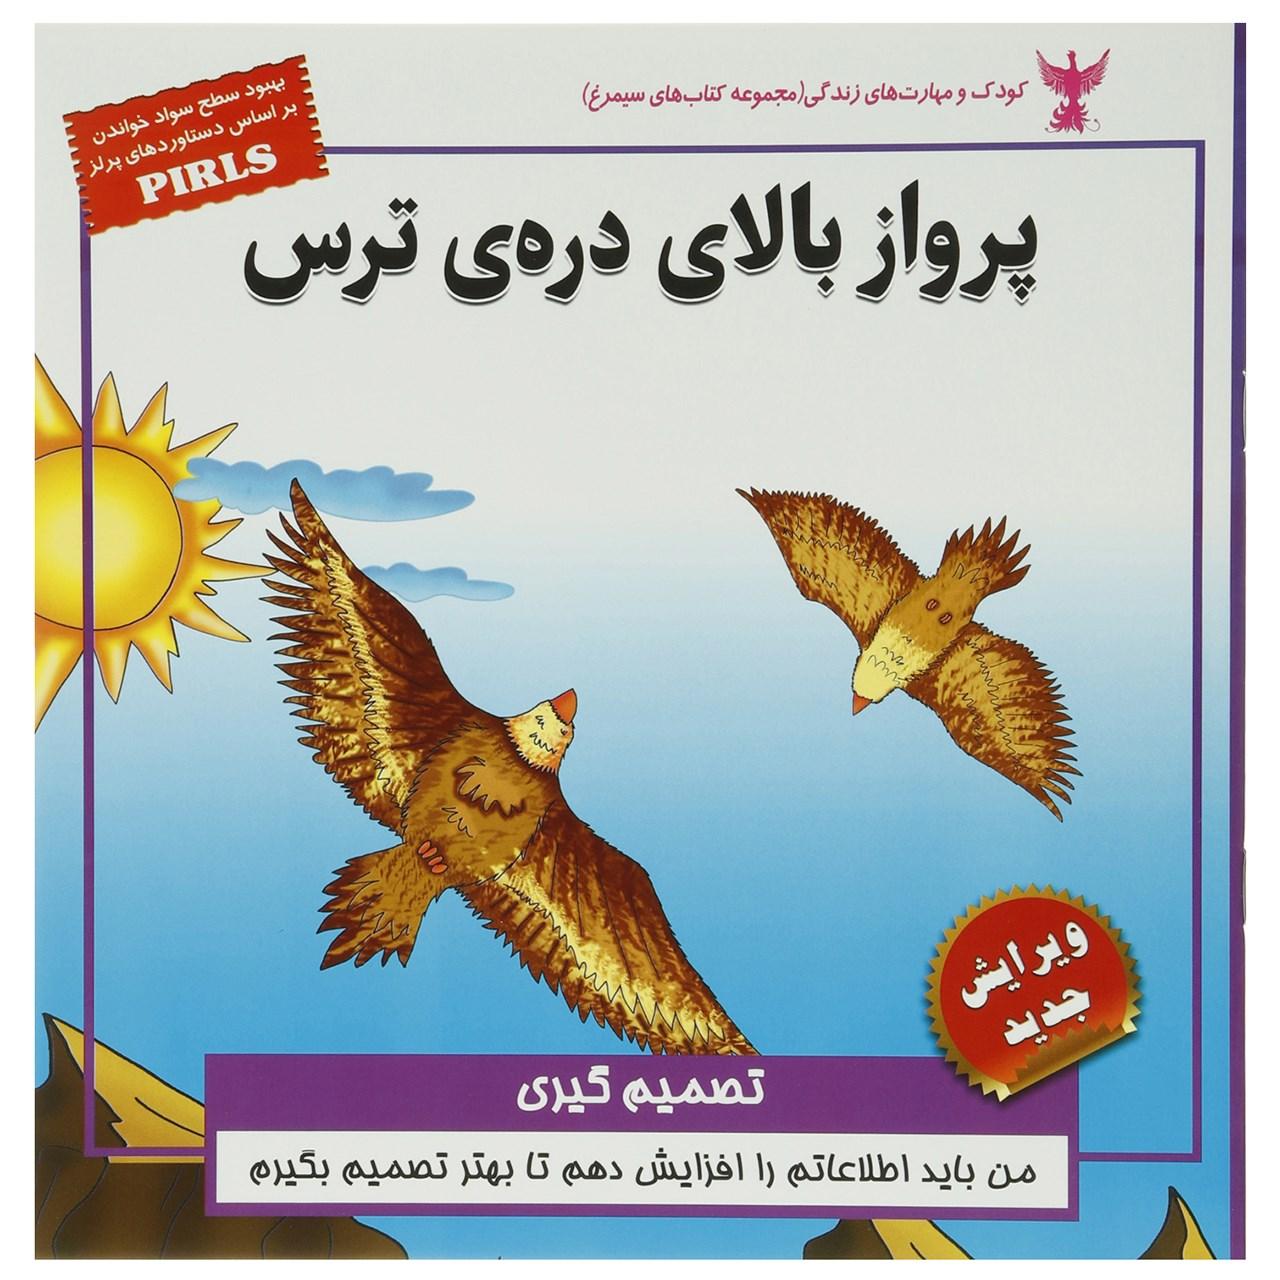 کتاب کودک و مهارت های زندگی پرواز بالای دره ی ترس اثر مژگان مشتاق